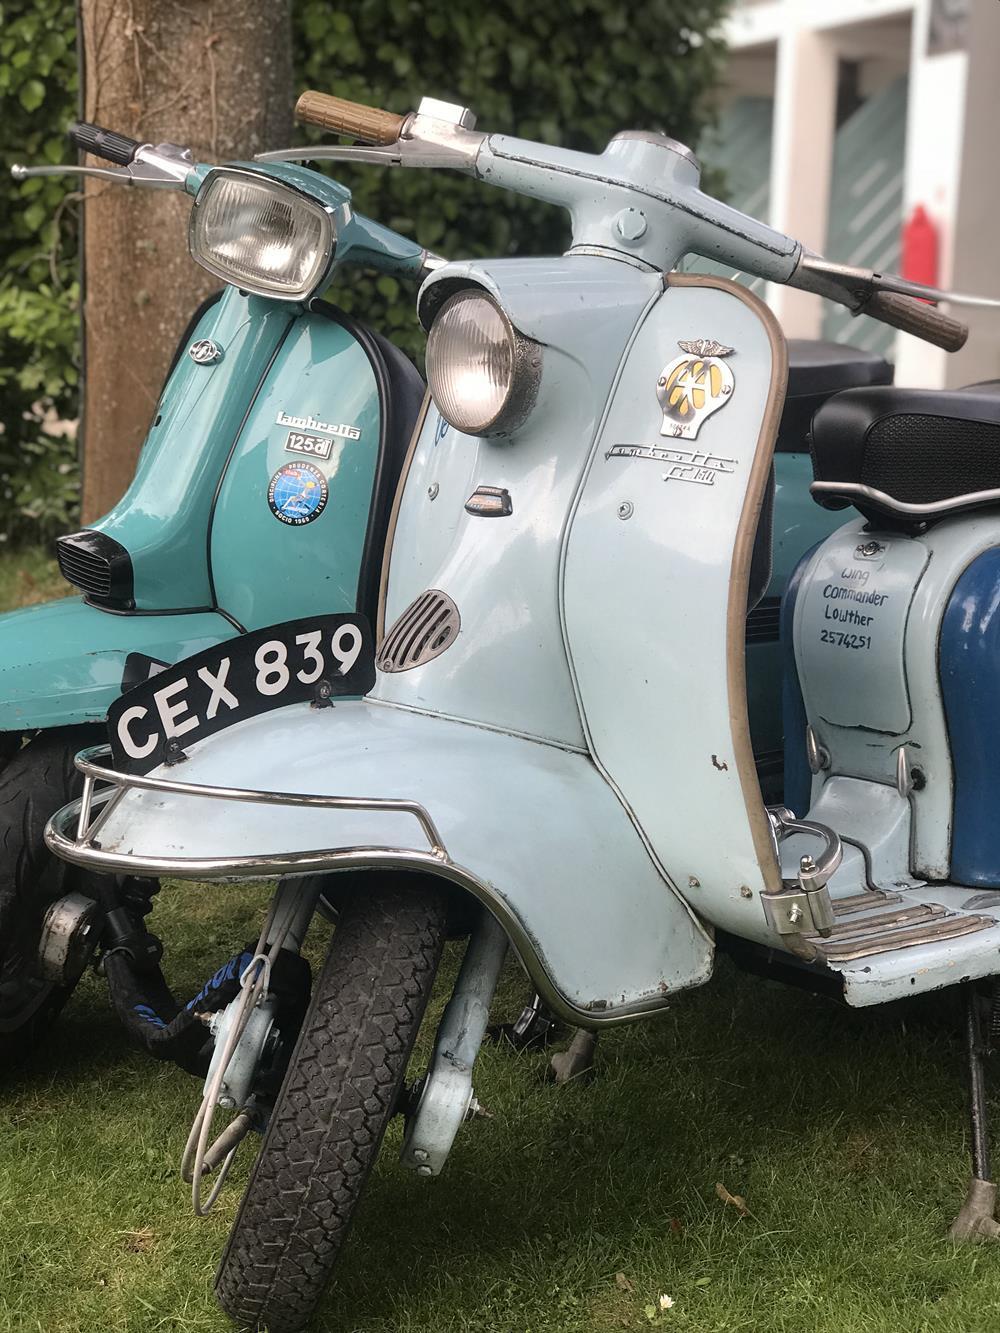 Series 1 Lambretta scooter